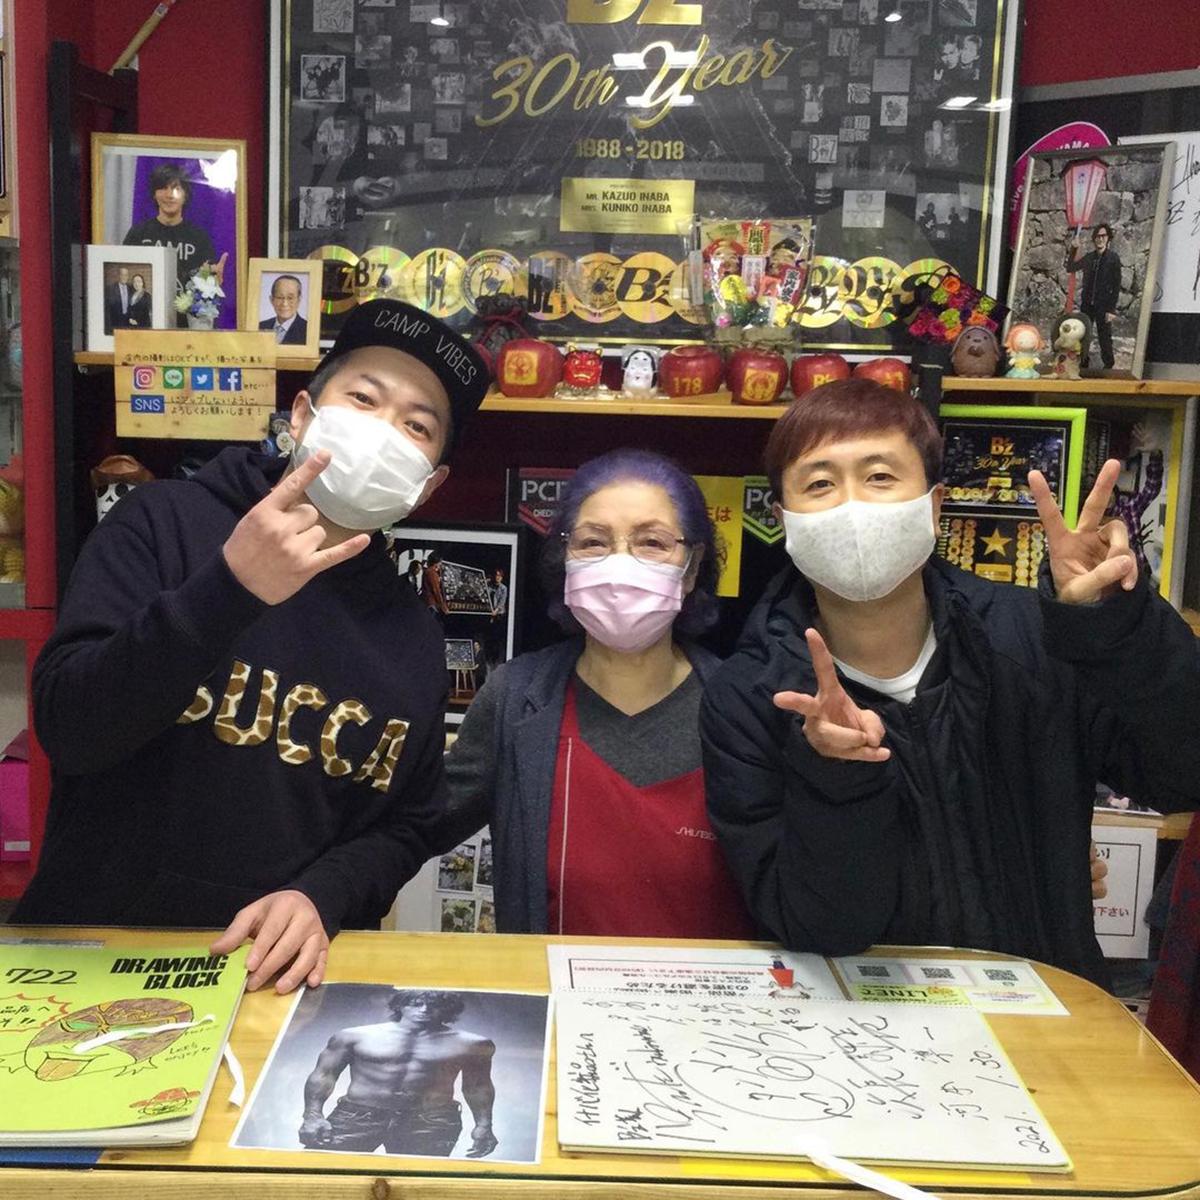 イナバ化粧品店を訪れた河本準一、ハロー植田の写真